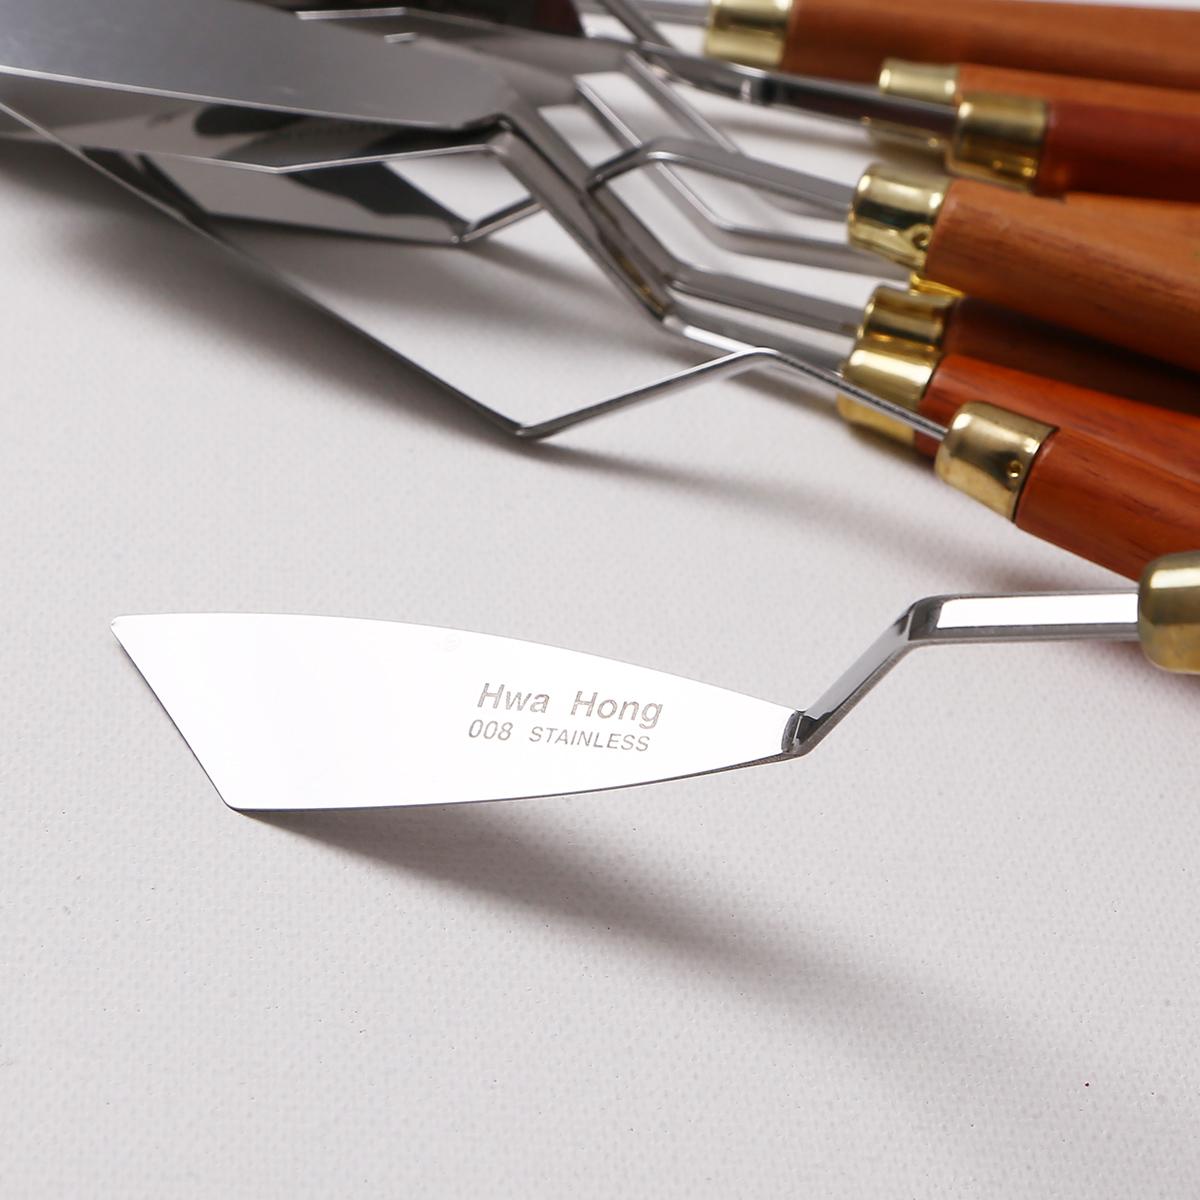 韓國進口華虹油畫刀套裝單把 不銹鋼油畫顏料刮刀 調色刀油畫刀